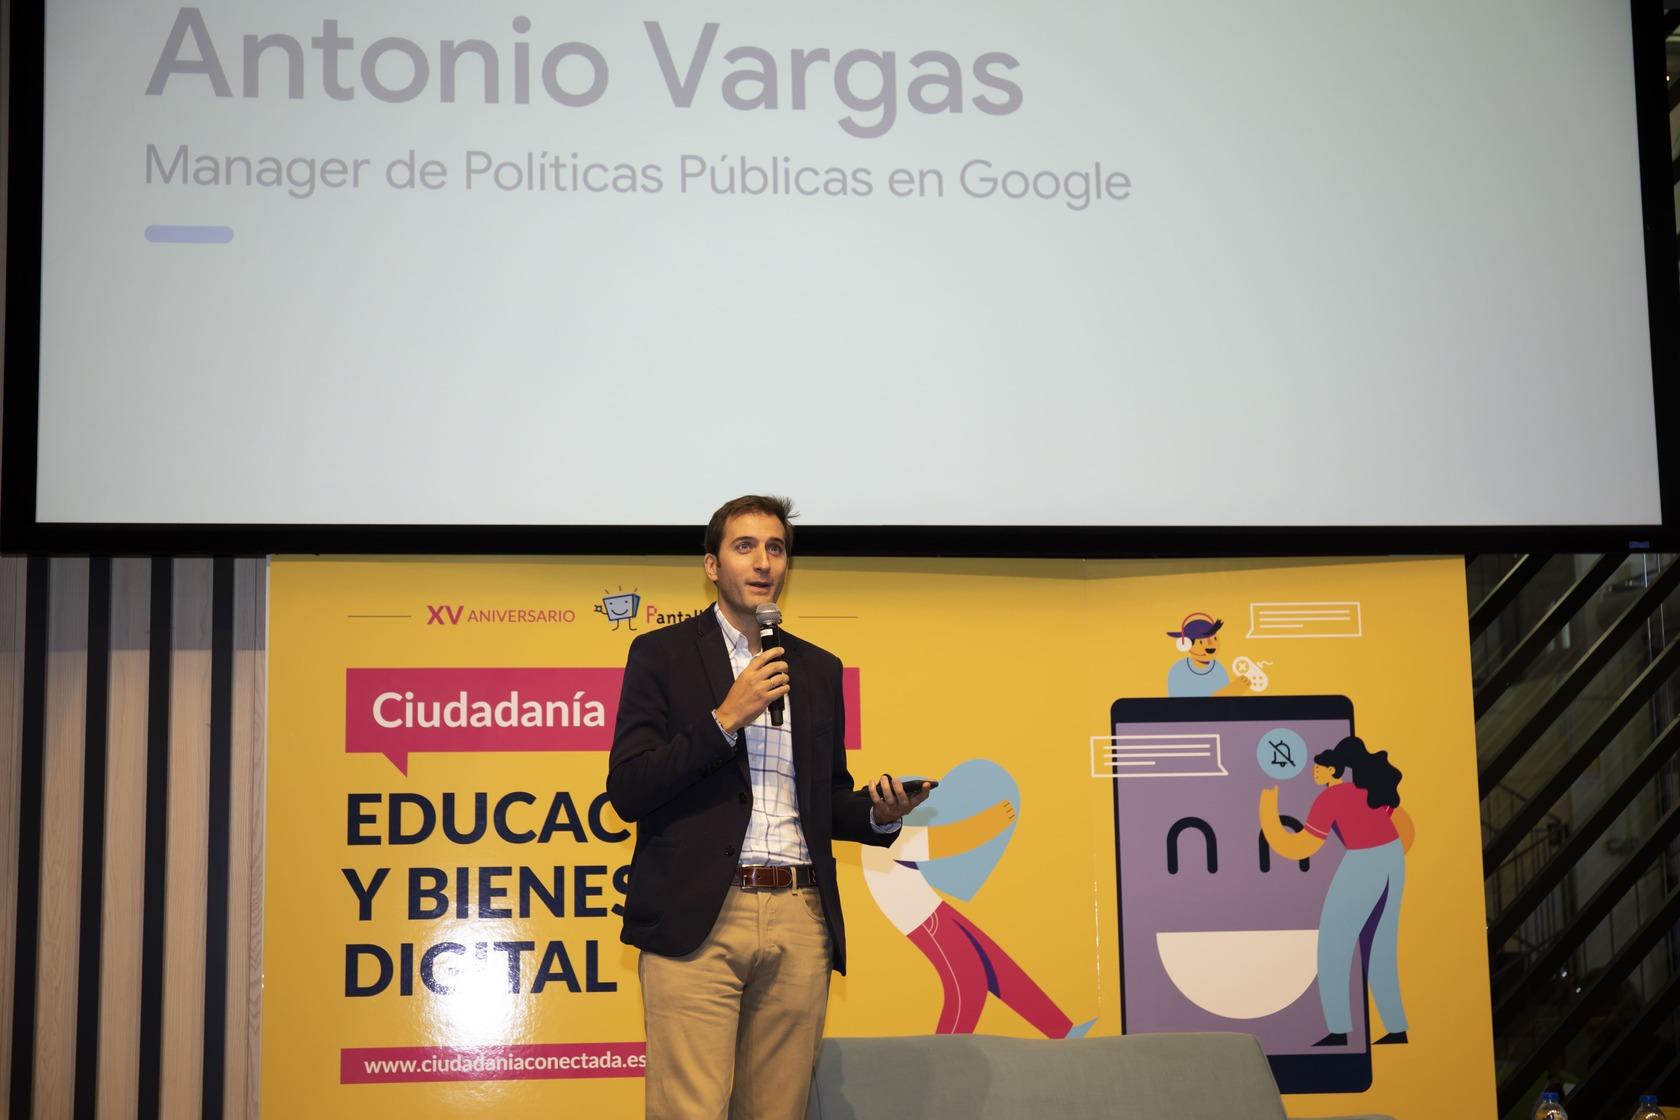 Antonio Vargas durante su ponencia en la Jornada Ciudadanía Conectada sobre Educación y Bienestar Digital.